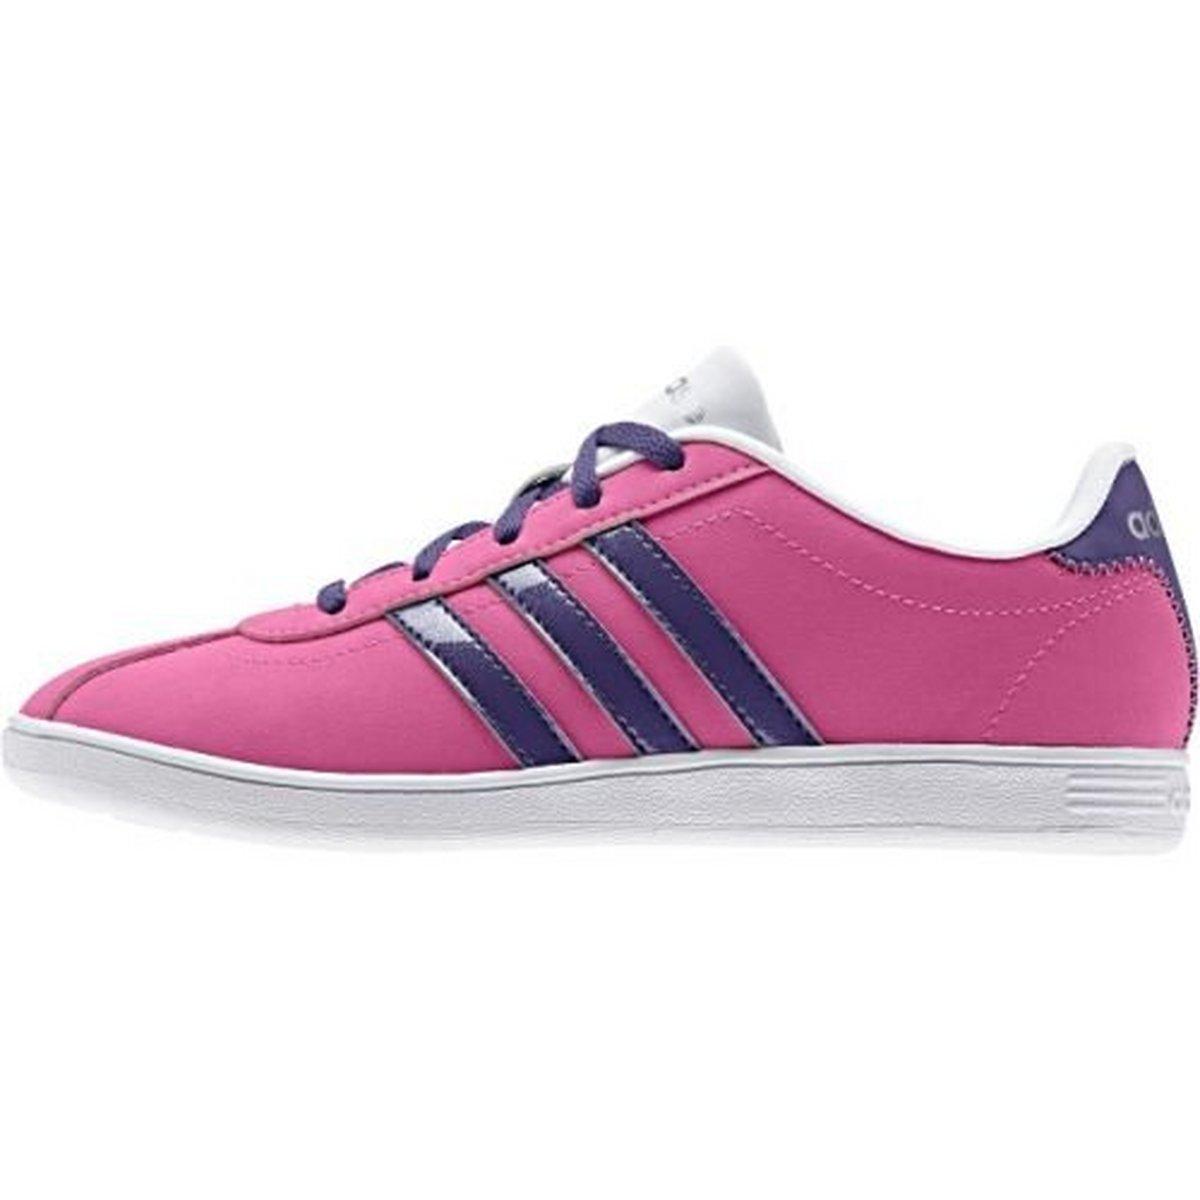 Adidas VL Court roze voor €17,99 @ Aktiesport